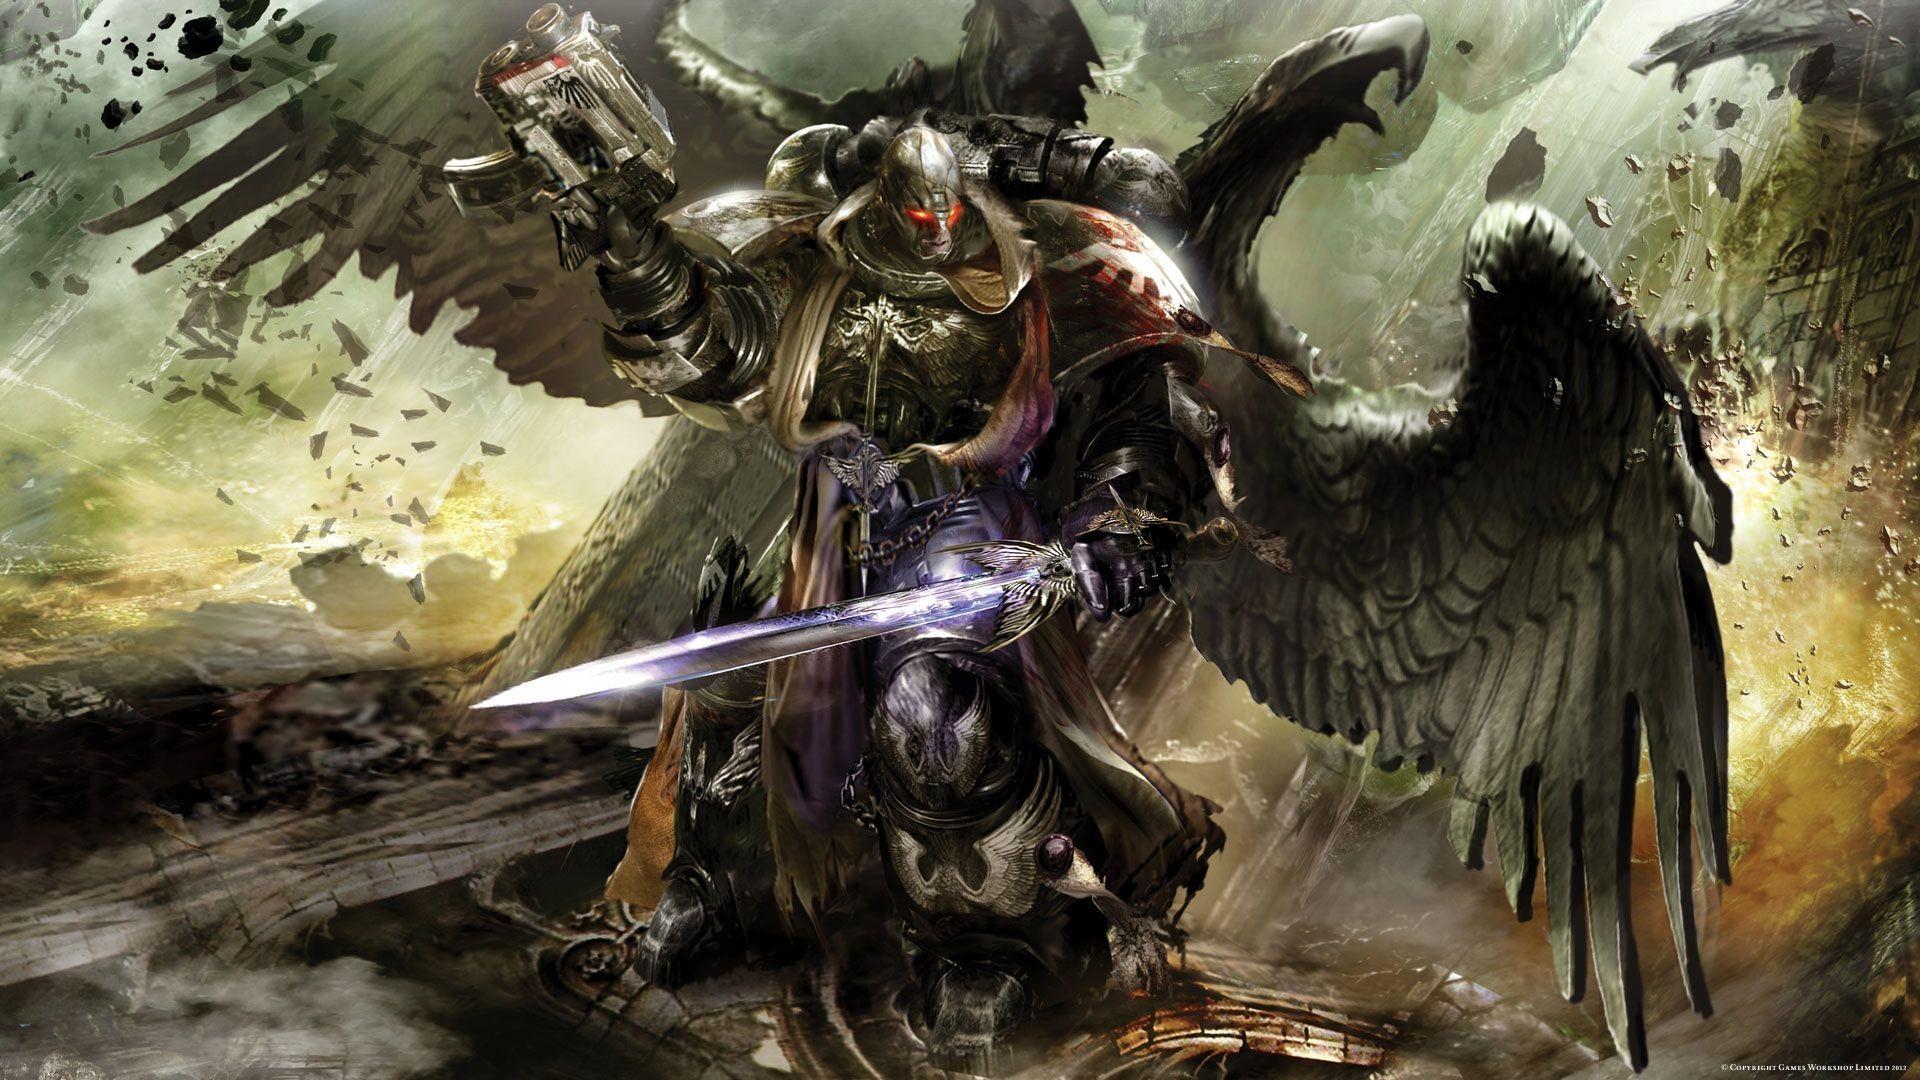 Amazing Warhammer 40k Wallpapers, Warhammer 40k High Definition Pictures –  HX3618658